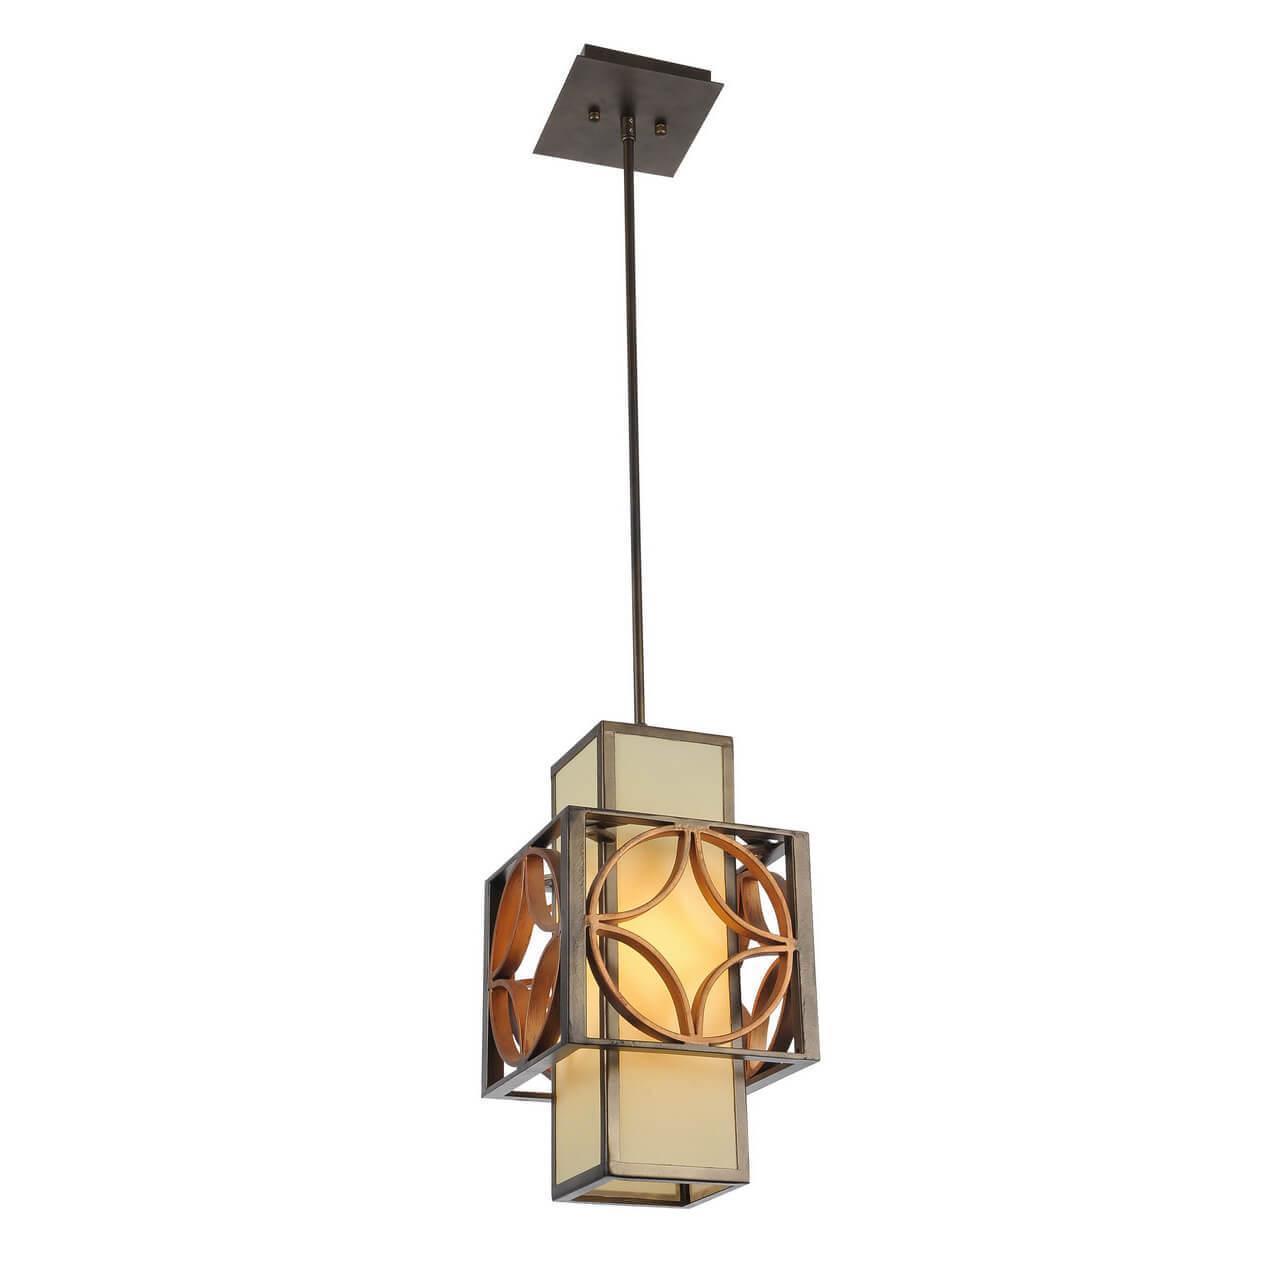 Подвесной светильник Favourite 1403-1P, E27, 40 Вт подвесной светильник favourite heraklion 1403 1p